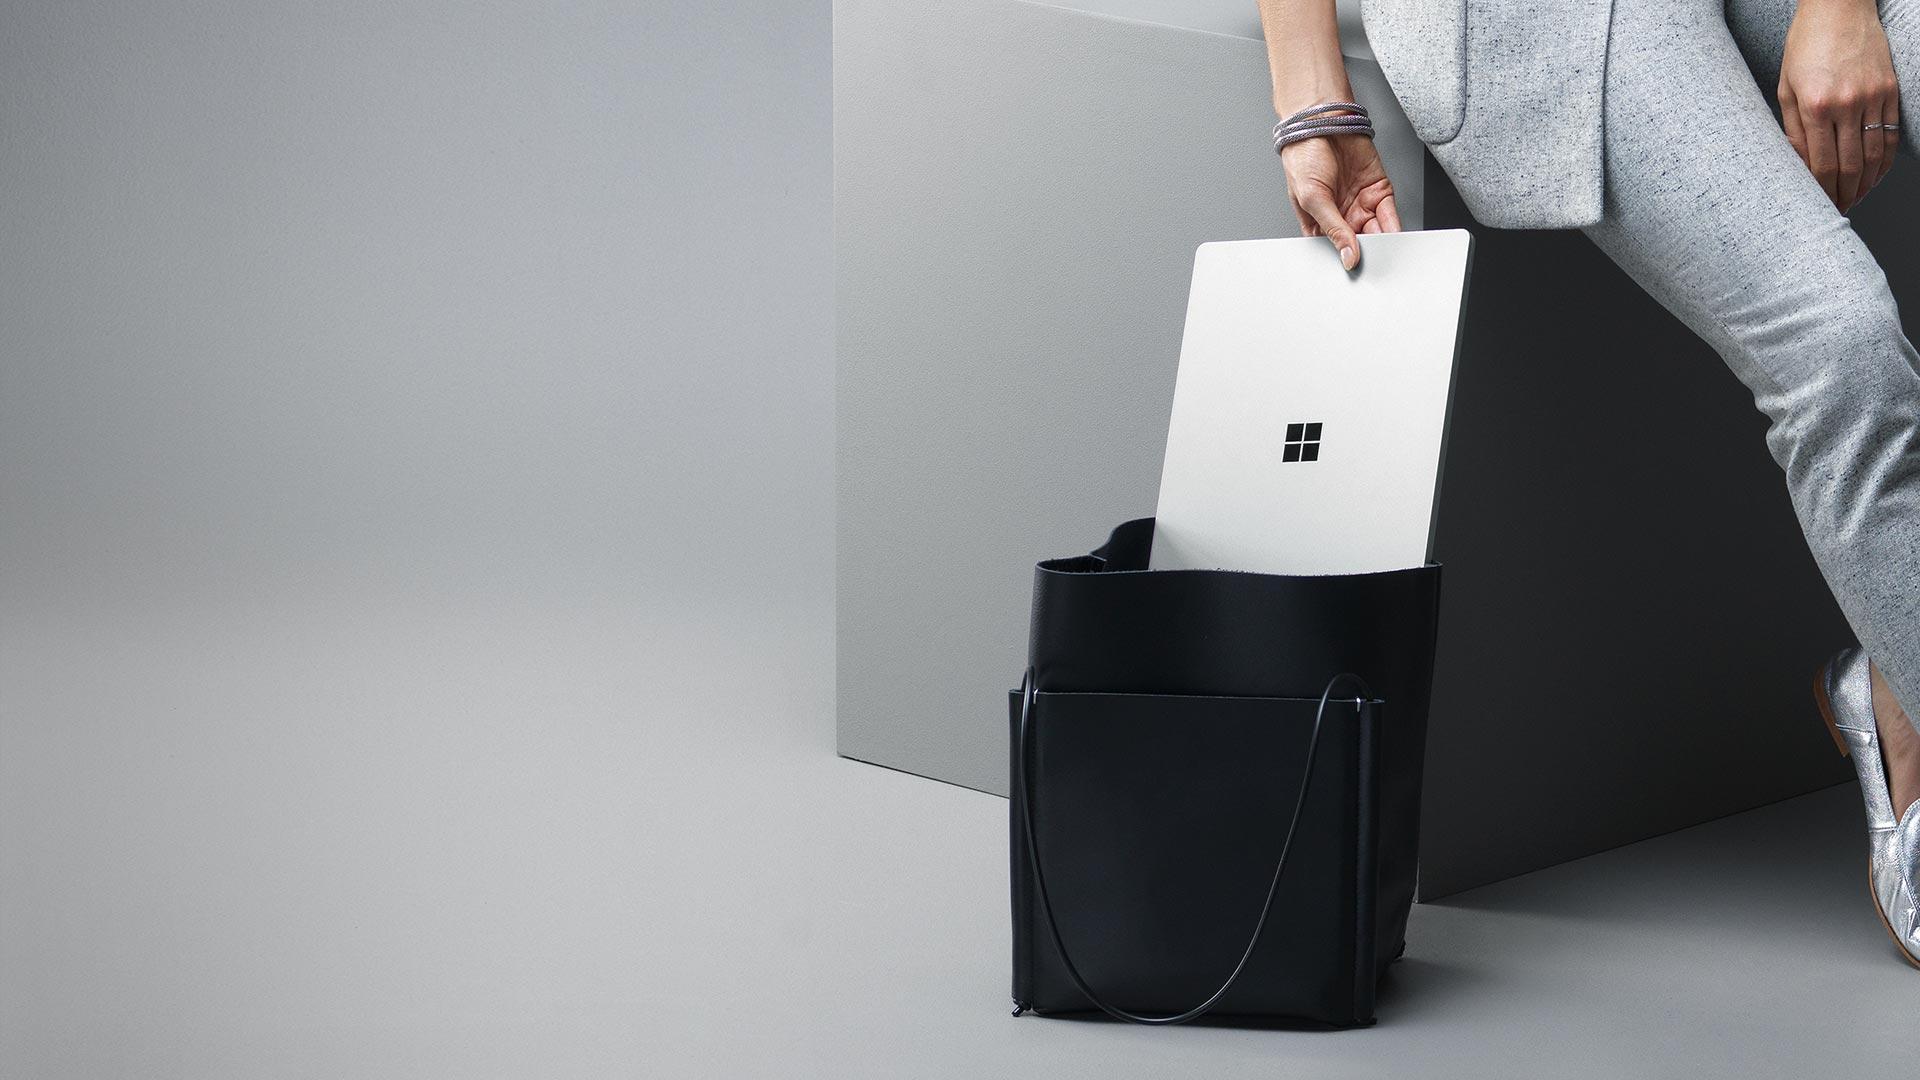 ผู้หญิงกำลังใส่ Surface Laptop สีแพลตินัม ลงในกระเป๋า